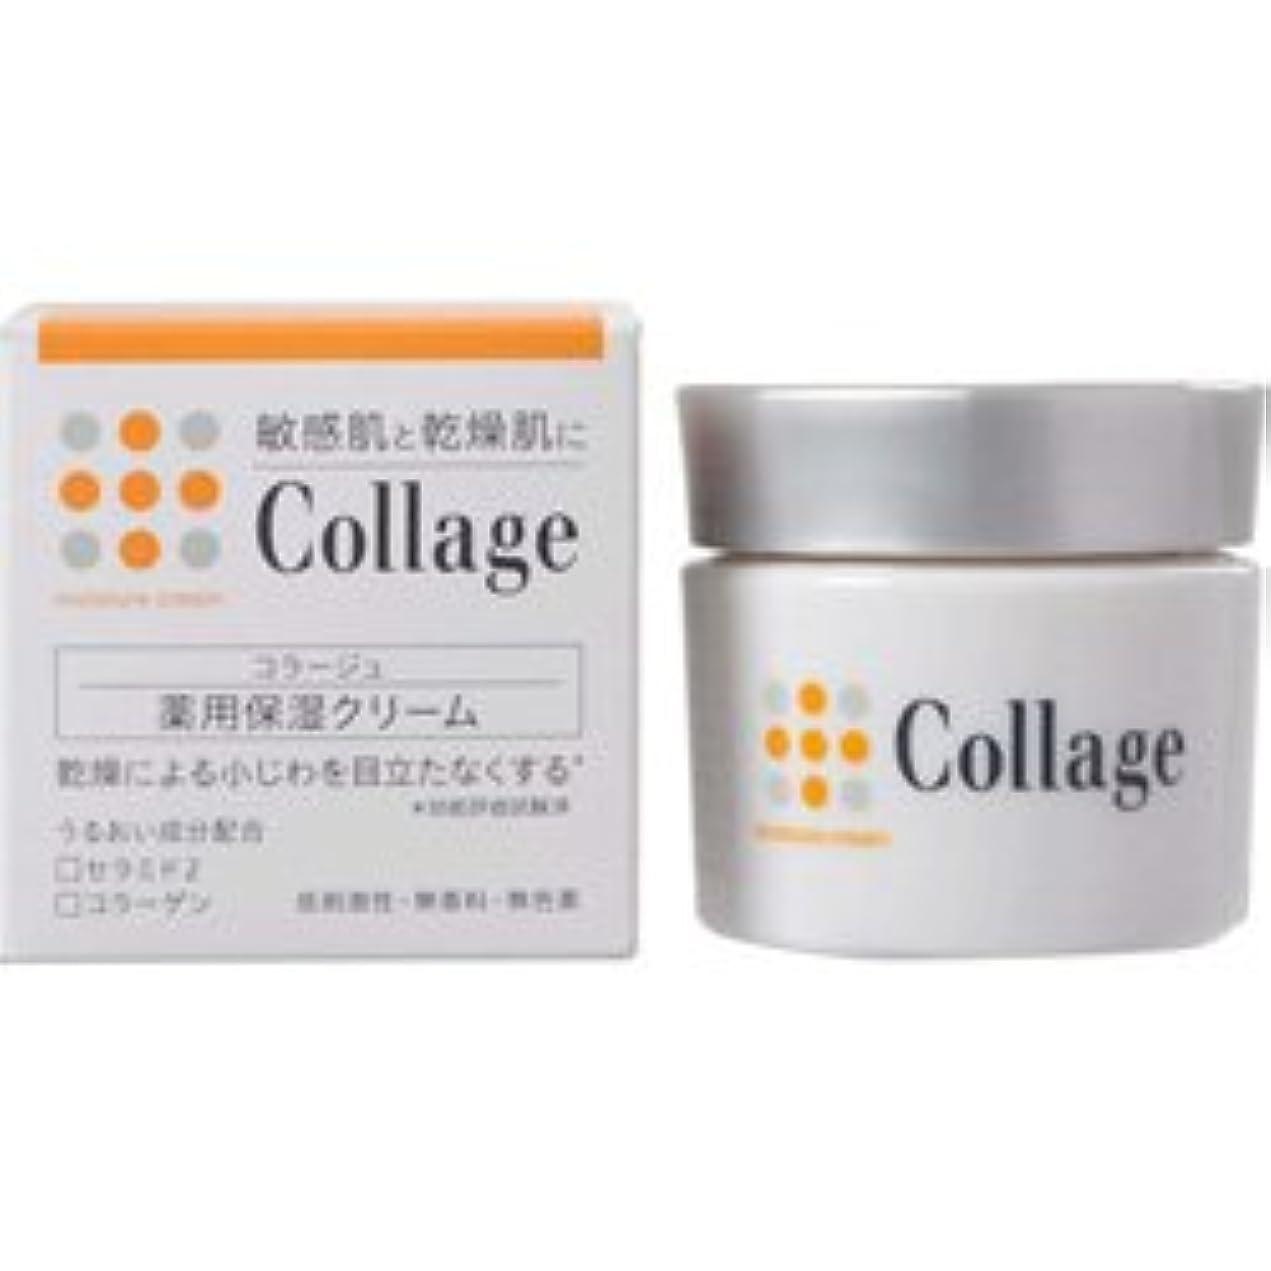 流用するコードレス無条件【持田ヘルスケア】 コラージュ薬用保湿クリーム 30g (医薬部外品) ×10個セット